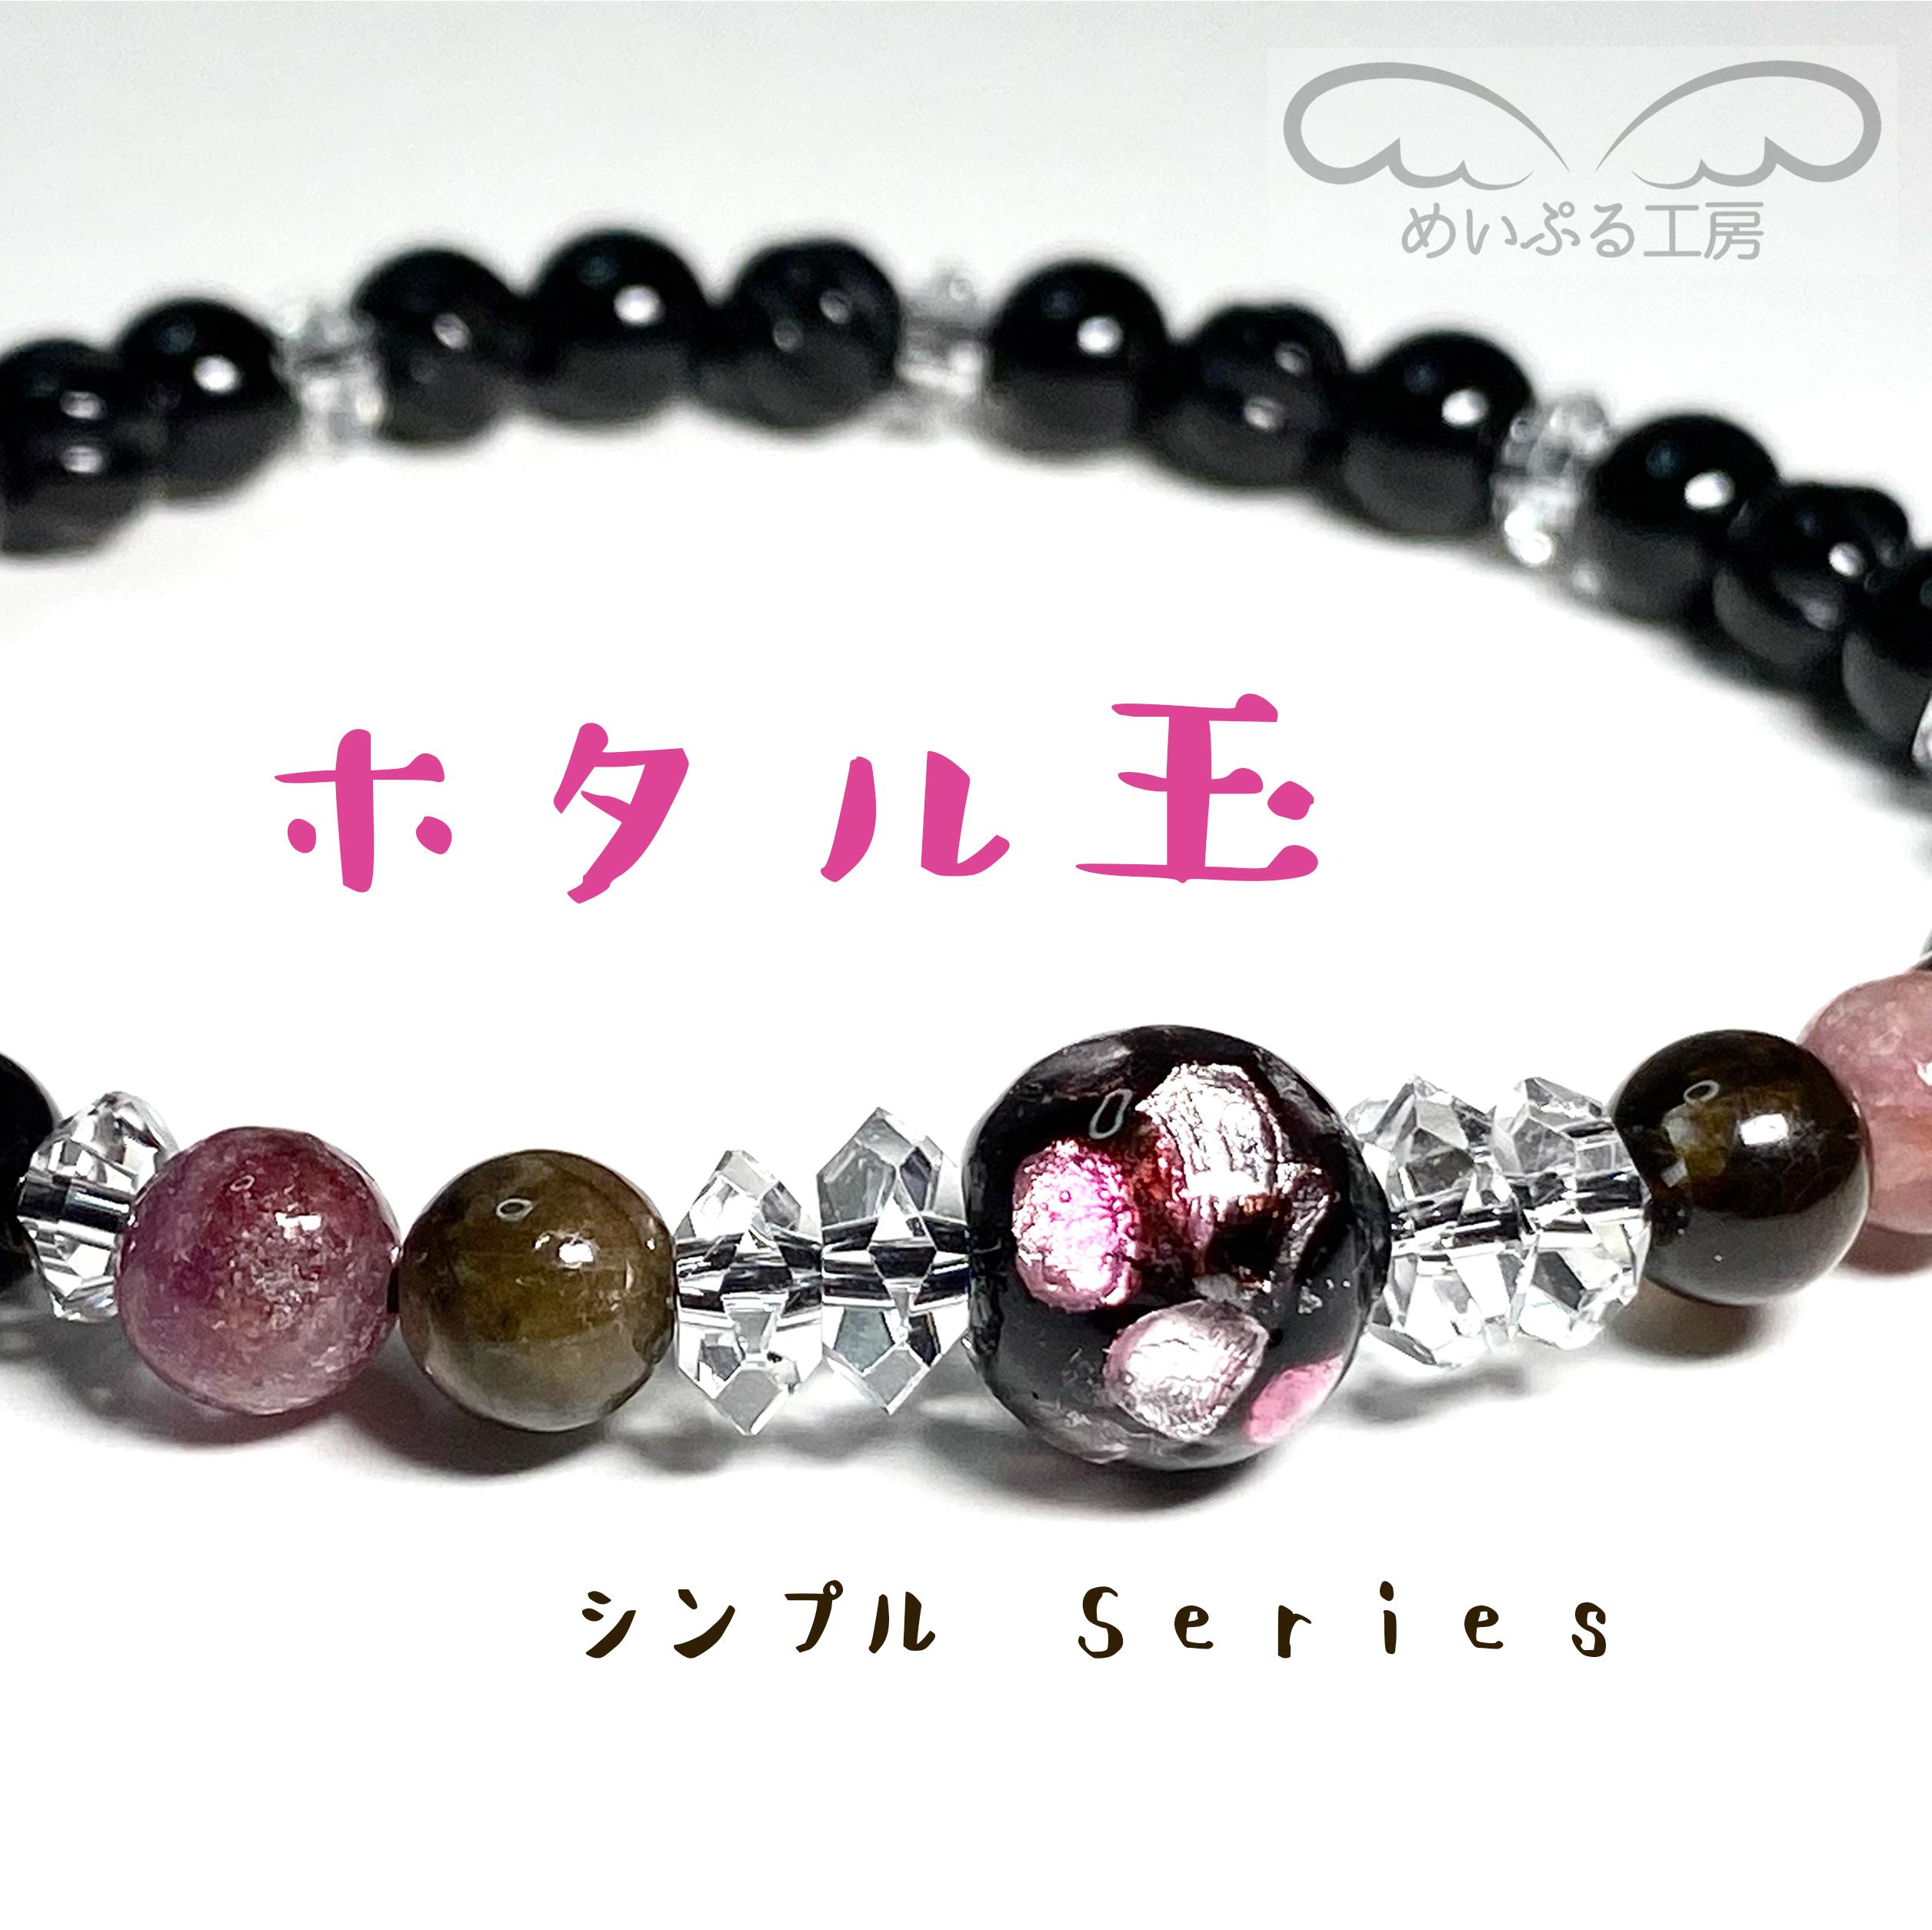 ホタル玉の桜大人ブレス♪ホタル玉/トルマリン/オニキス/水晶